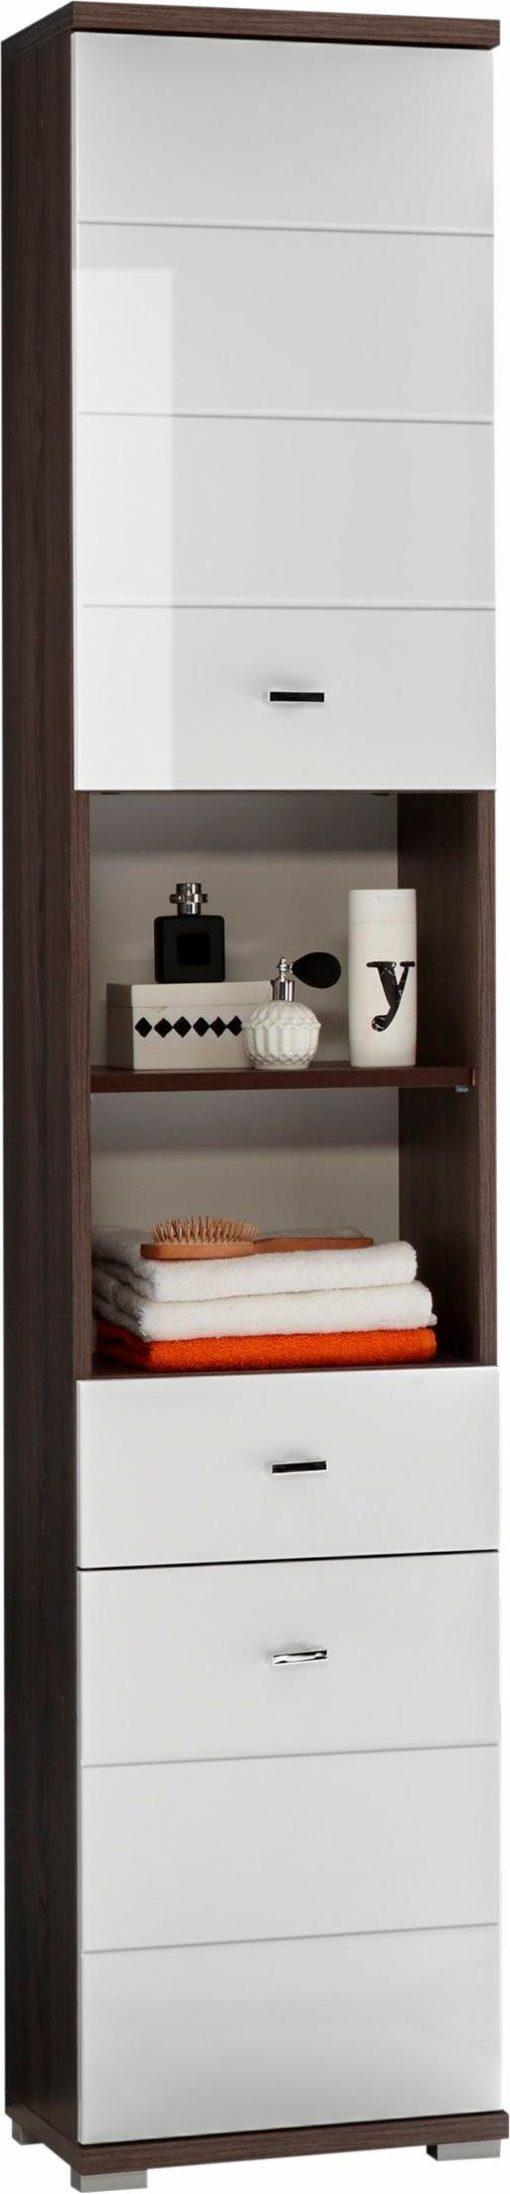 Wysoka szafka łazienkowa/ słupek, biel + wiąz